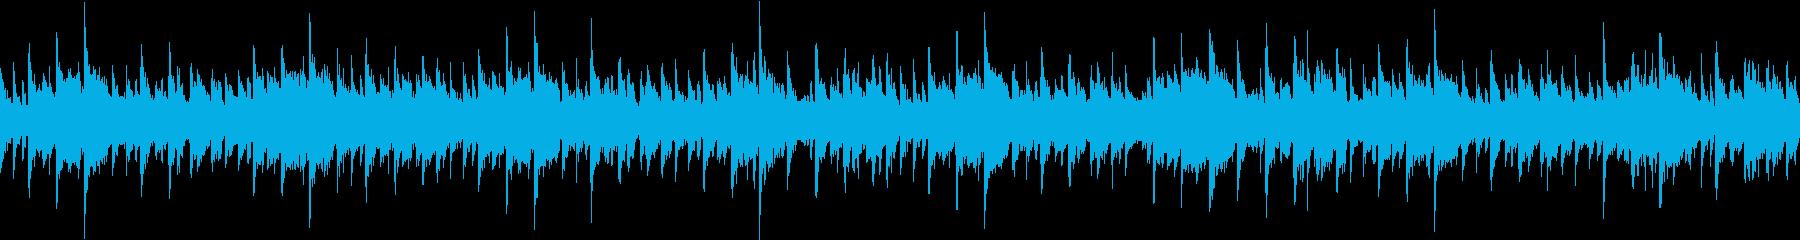 可愛い声のコーラスでゆったりとした曲の再生済みの波形